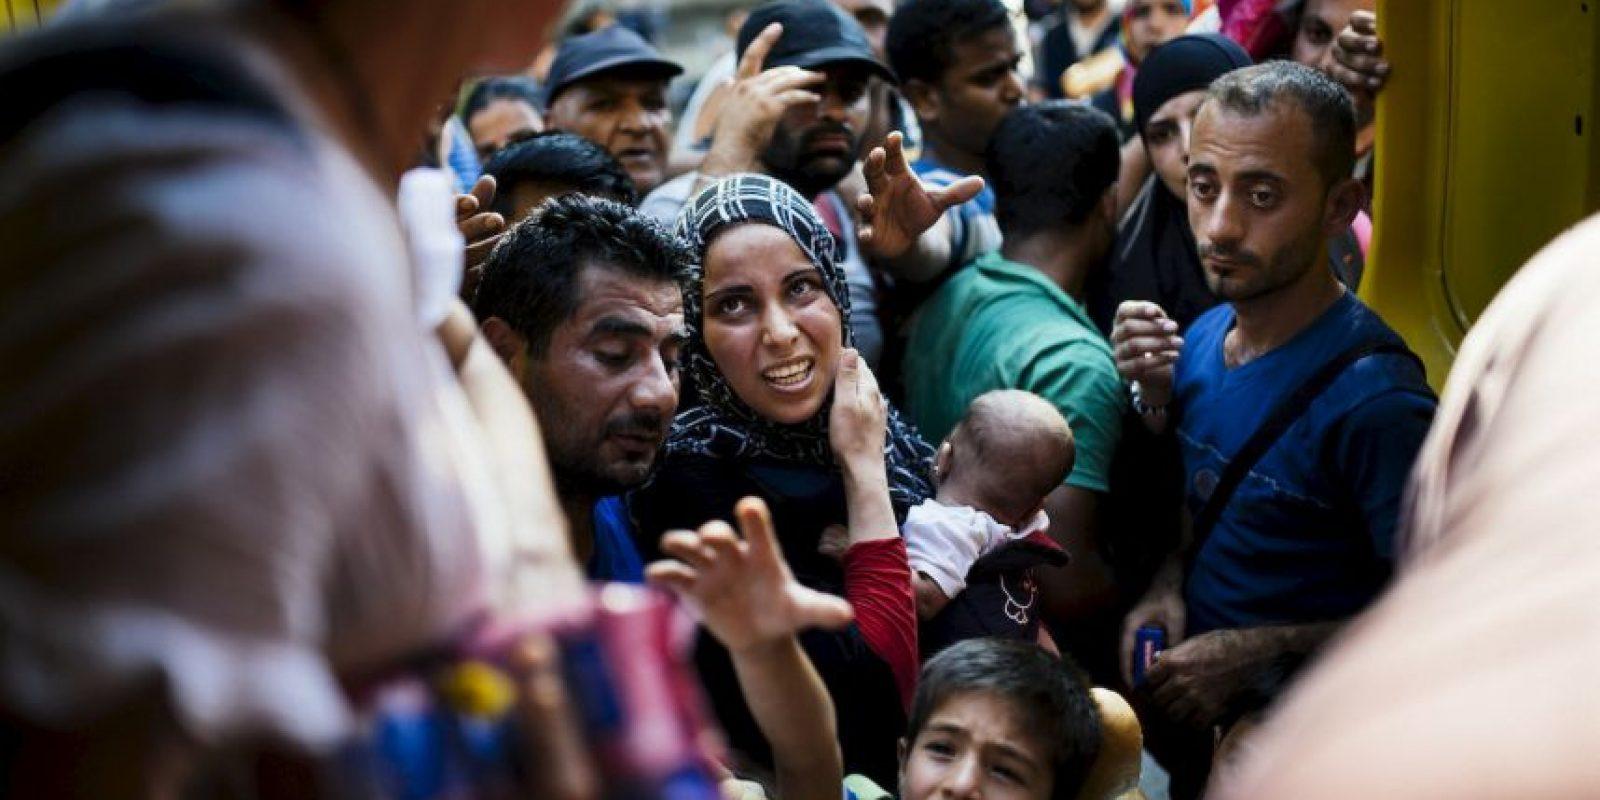 Migrantes en la frontera entre Macedonia y Grecia. . Foto:AFP